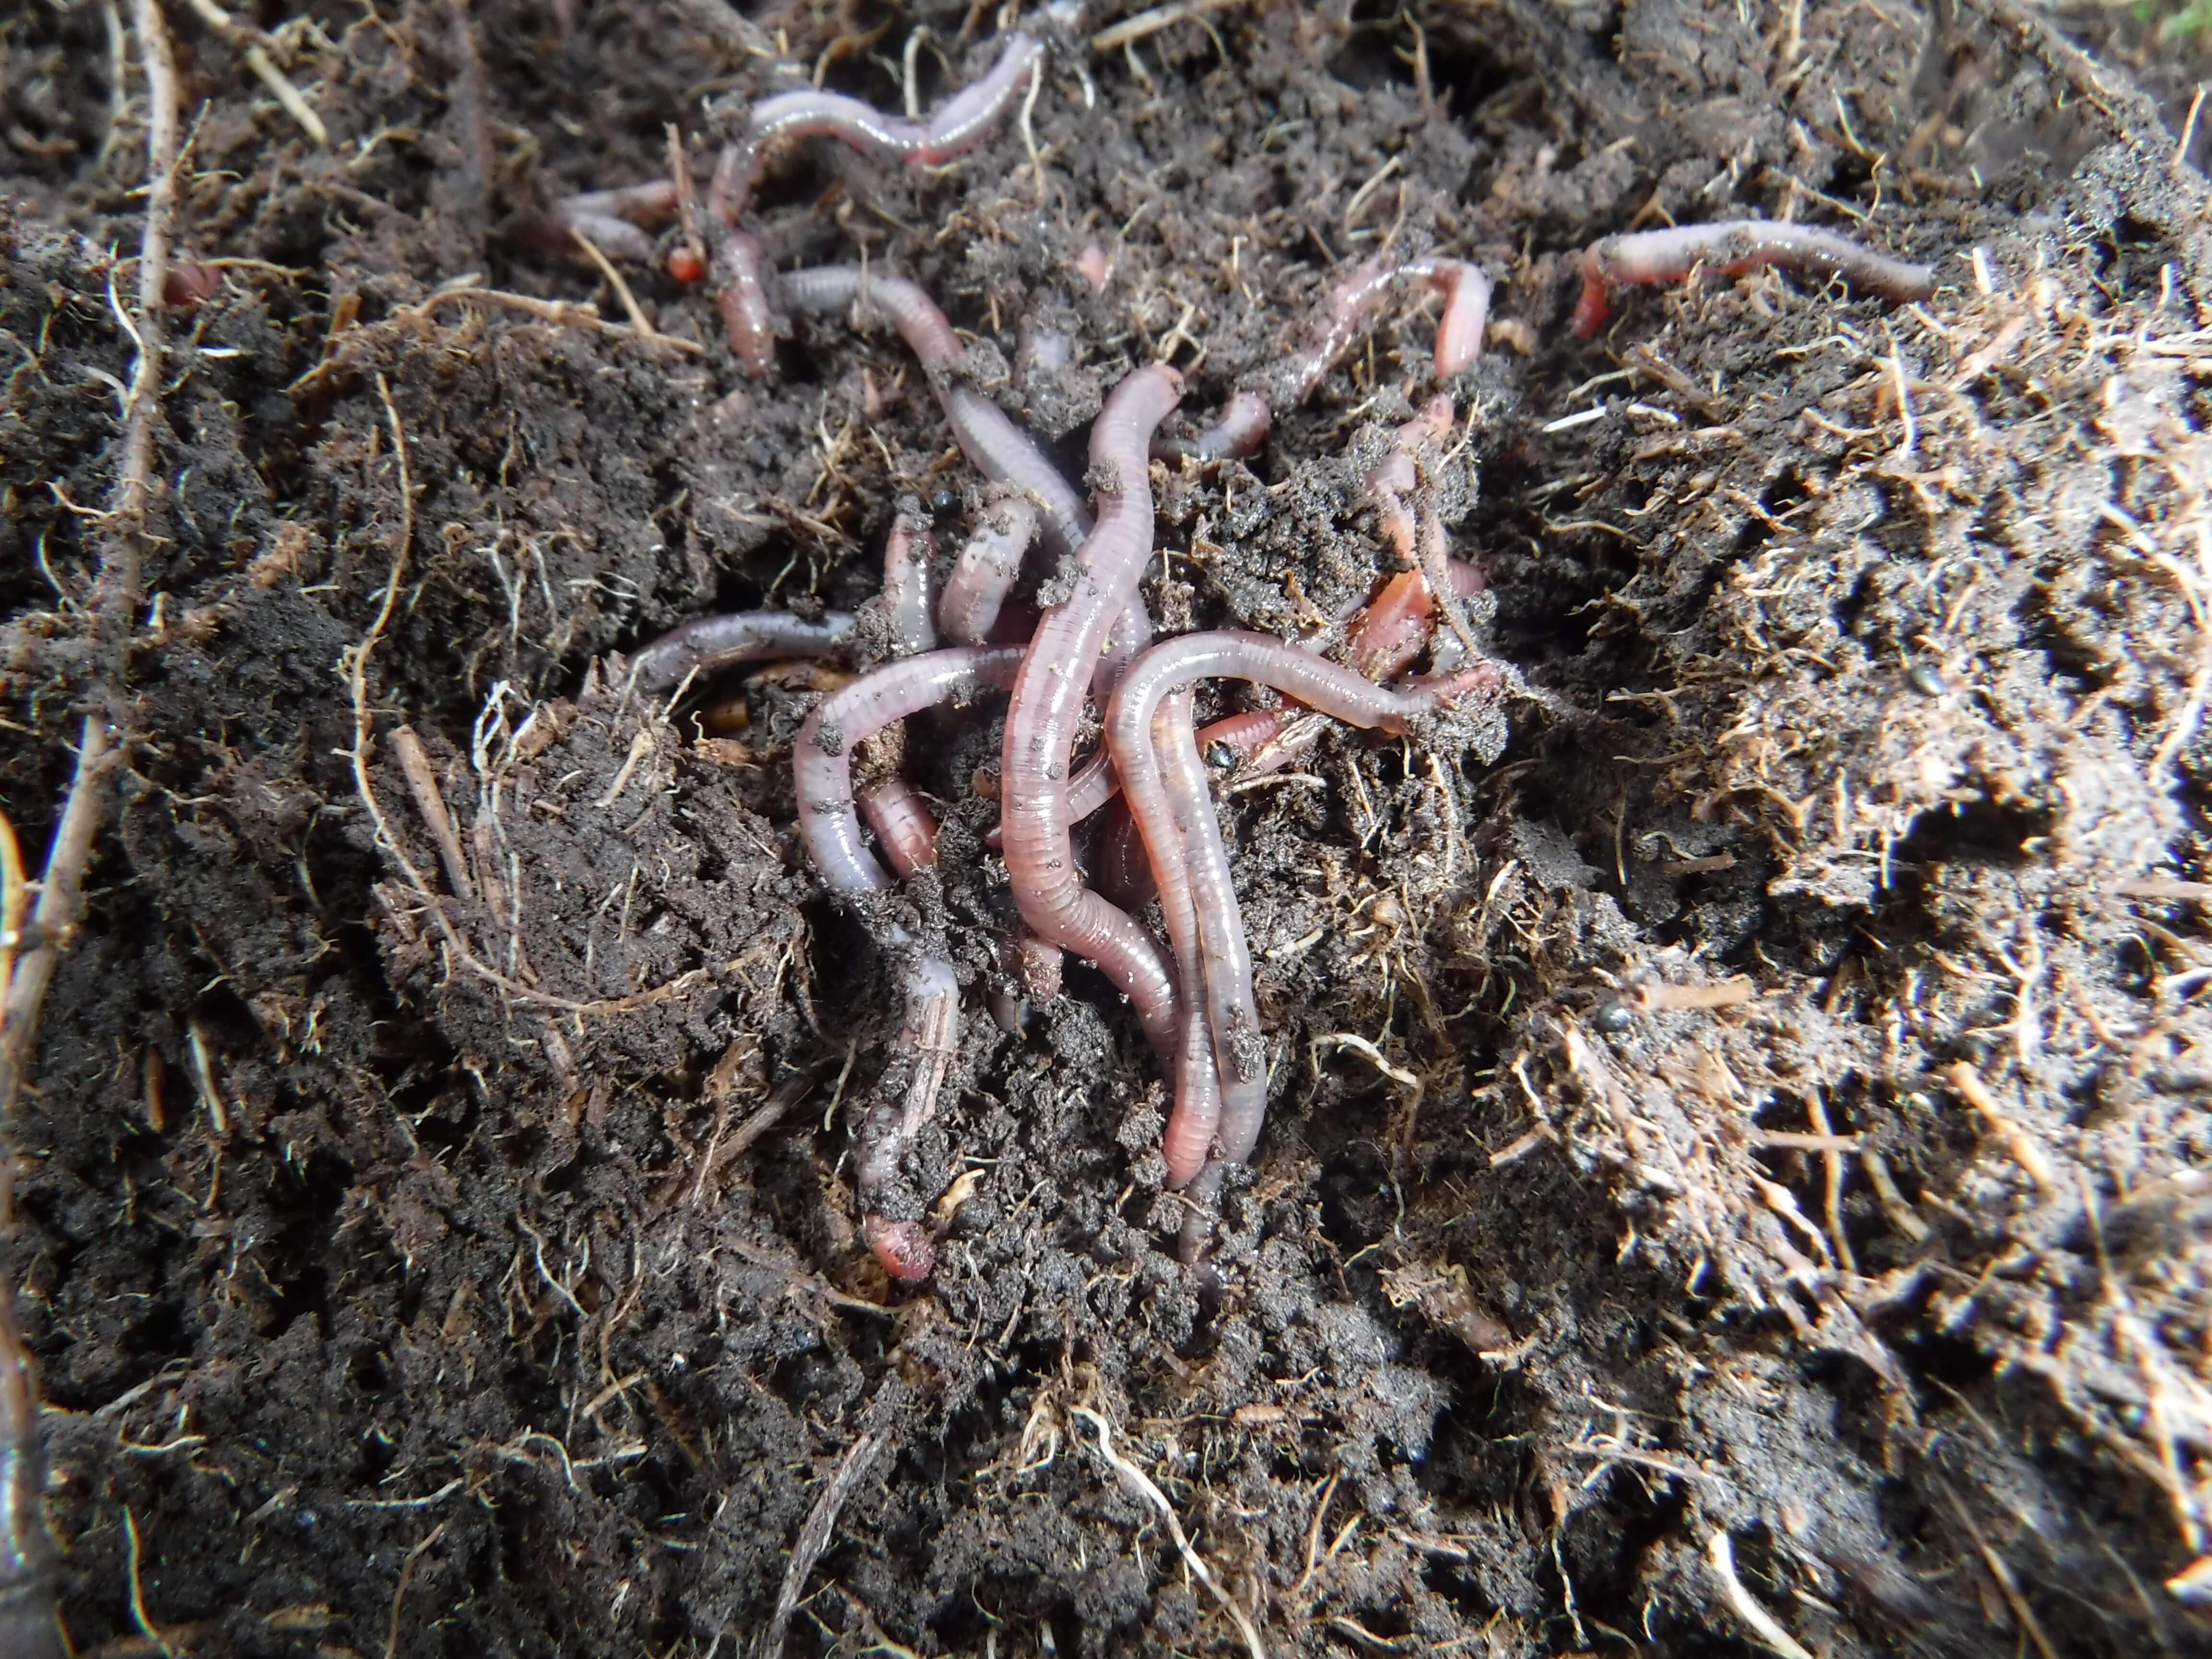 Earthworms_NorthRoe.jpg